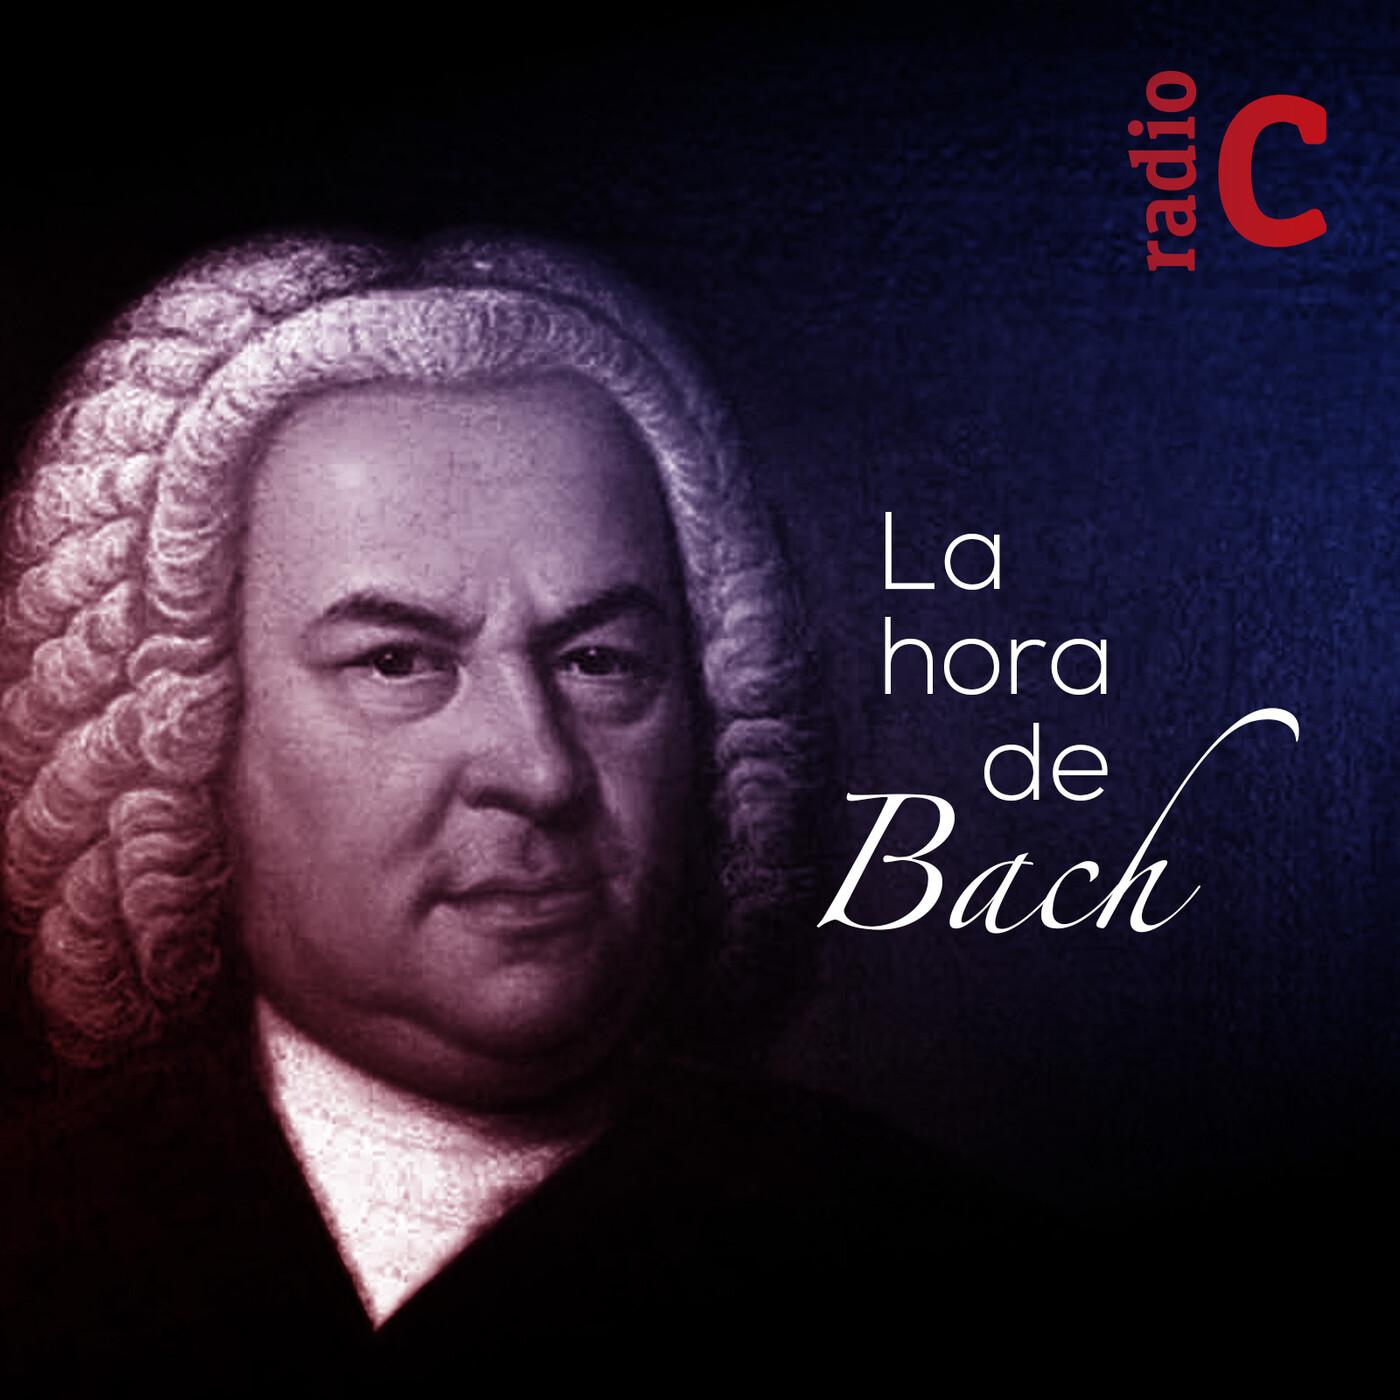 La hora de Bach - 17/02/18